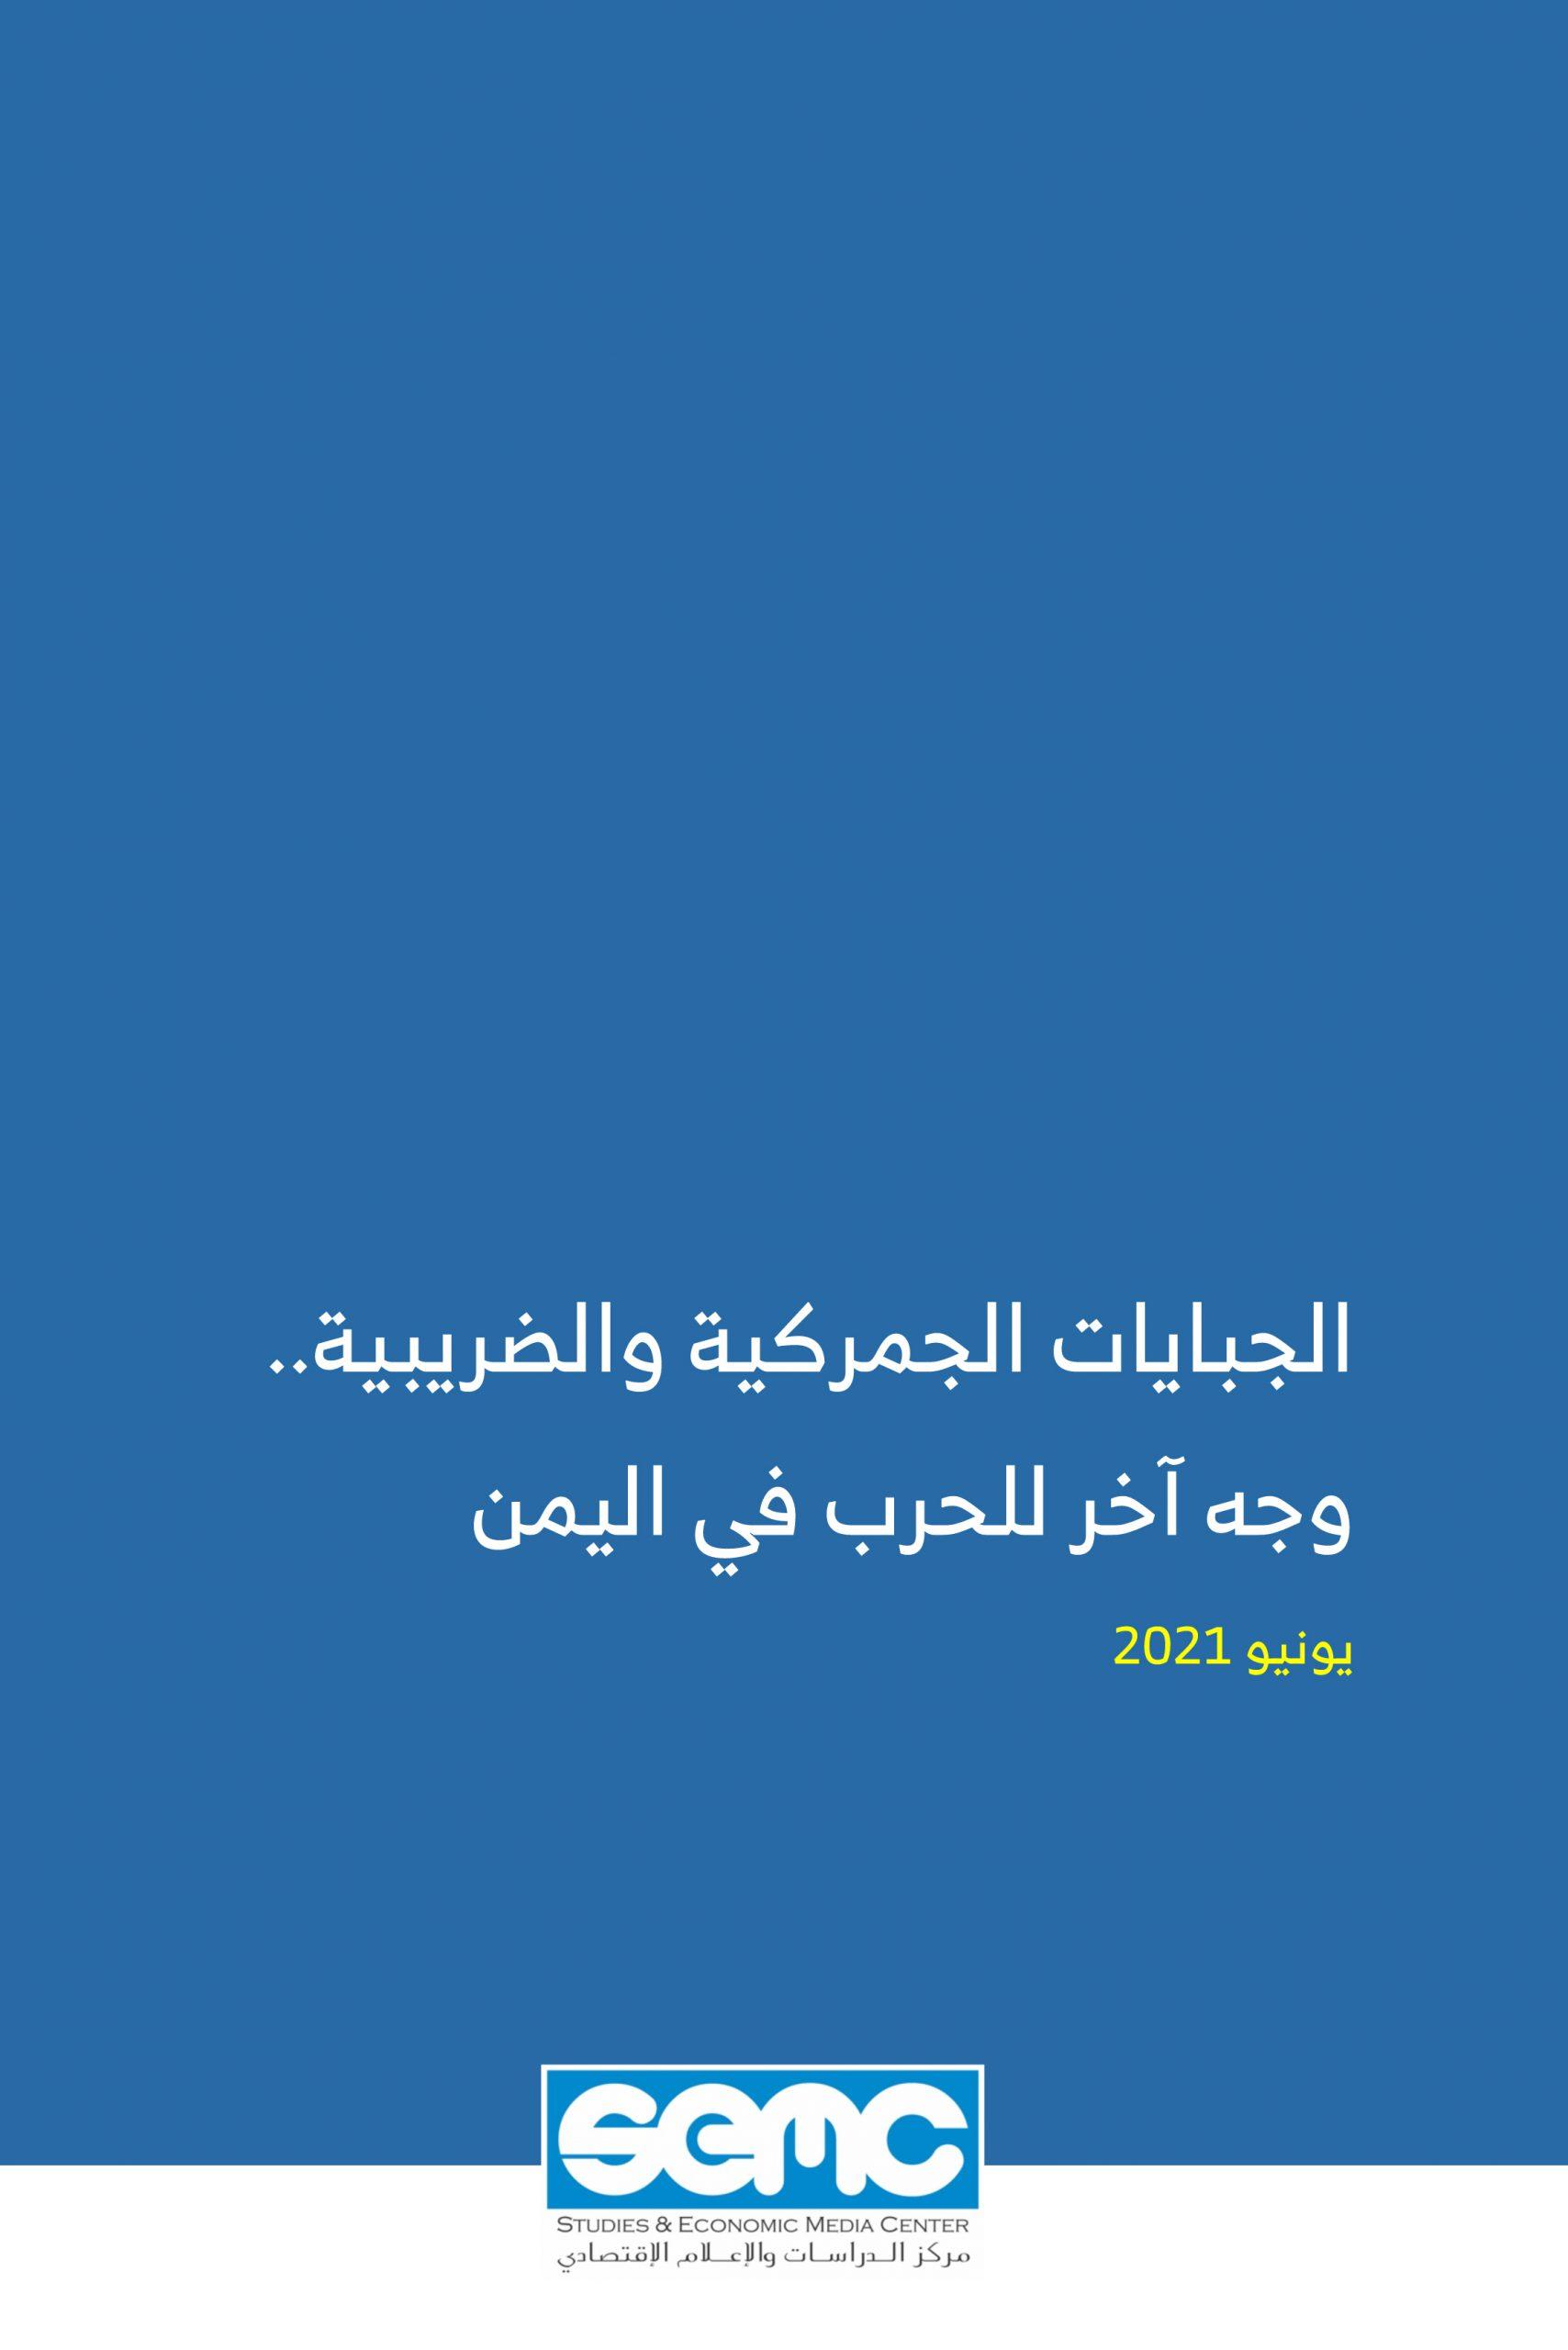 تقرير حديث للإعلام الاقتصادي : الجبايات الضريبية والجمركية وجه آخر للحرب في اليمن